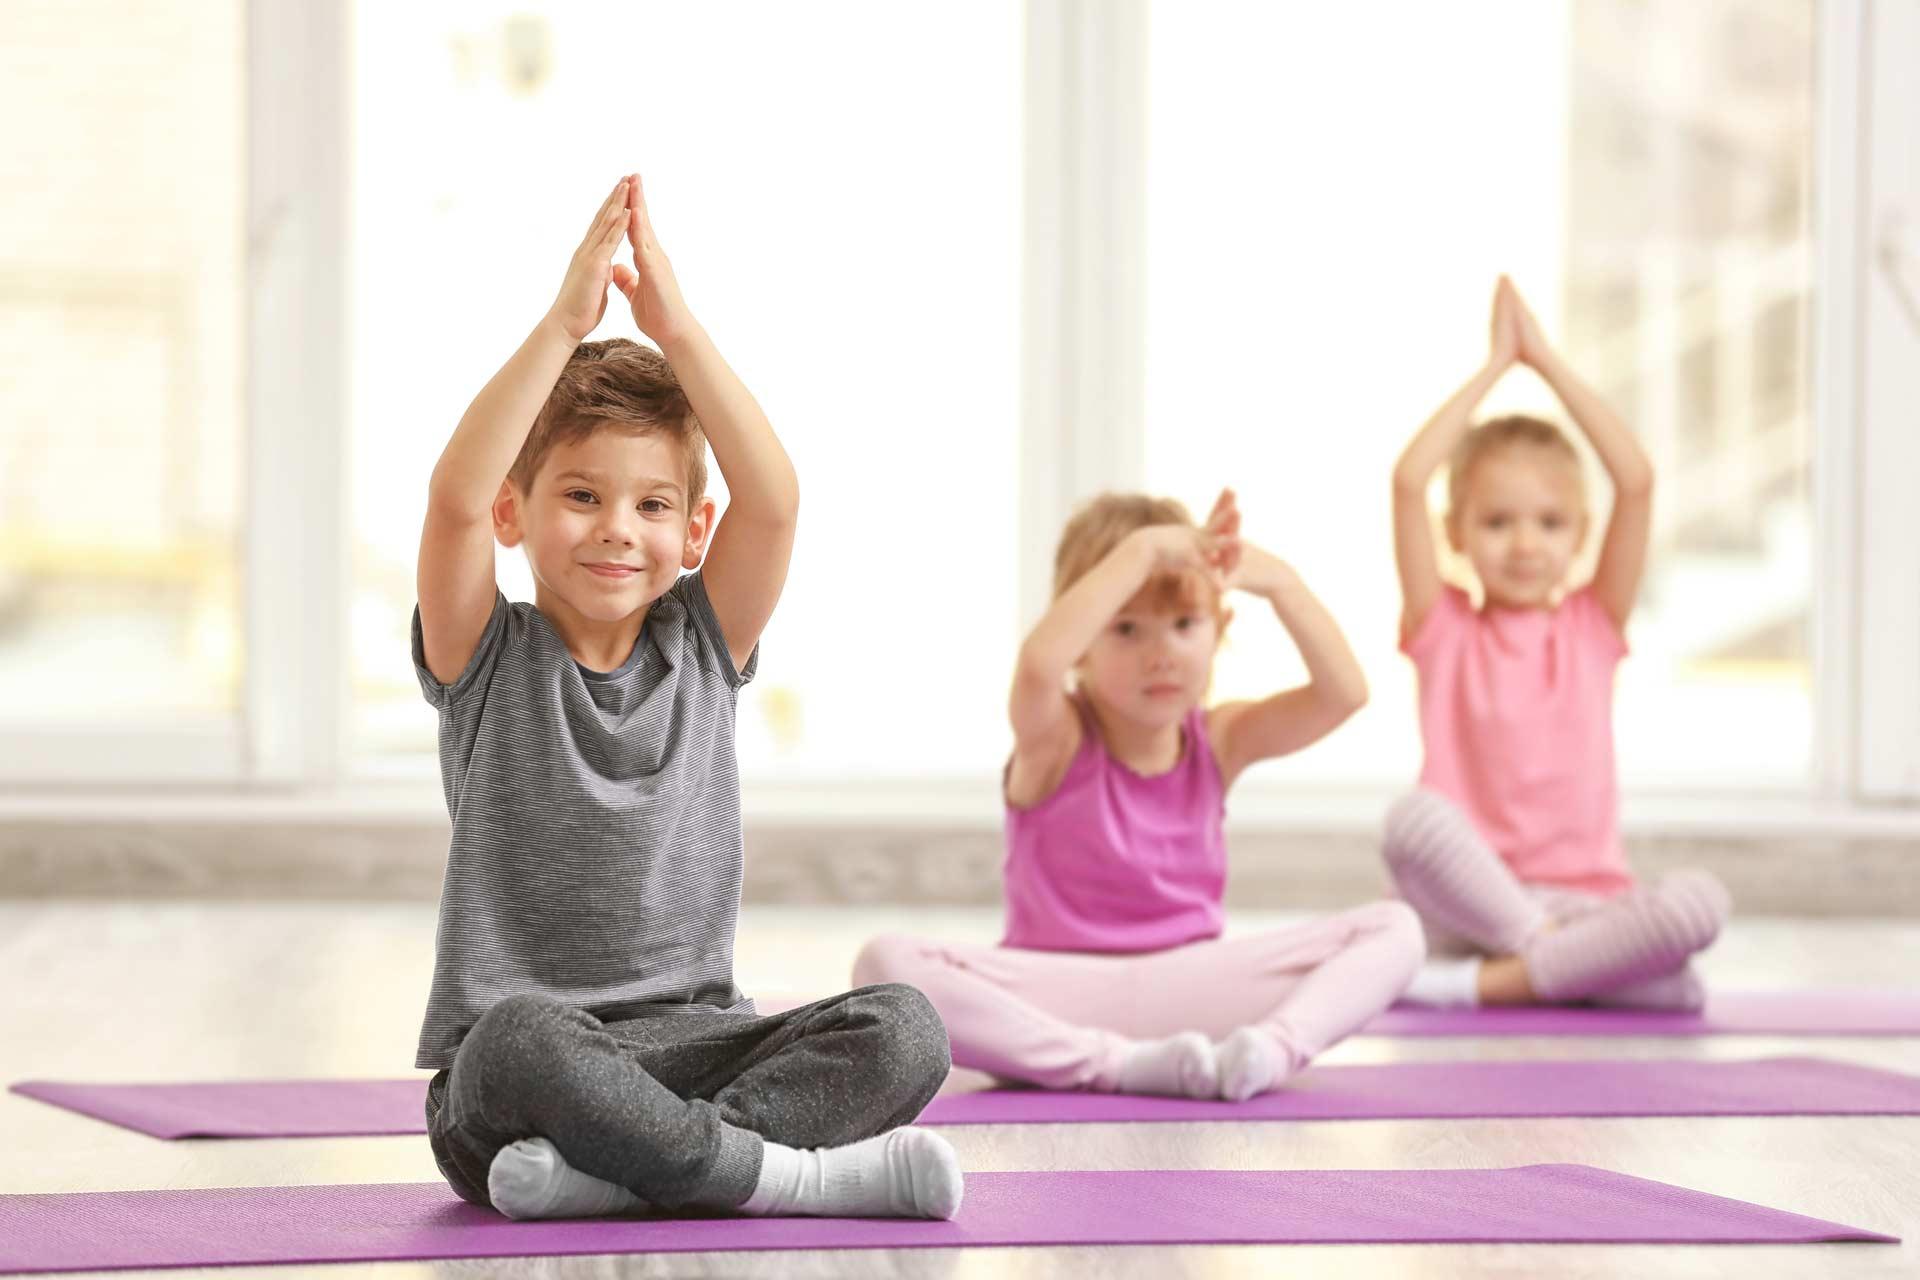 La méthode fit kids créée par Alexandra Siano : formation yoga et pilates adapté aux enfants